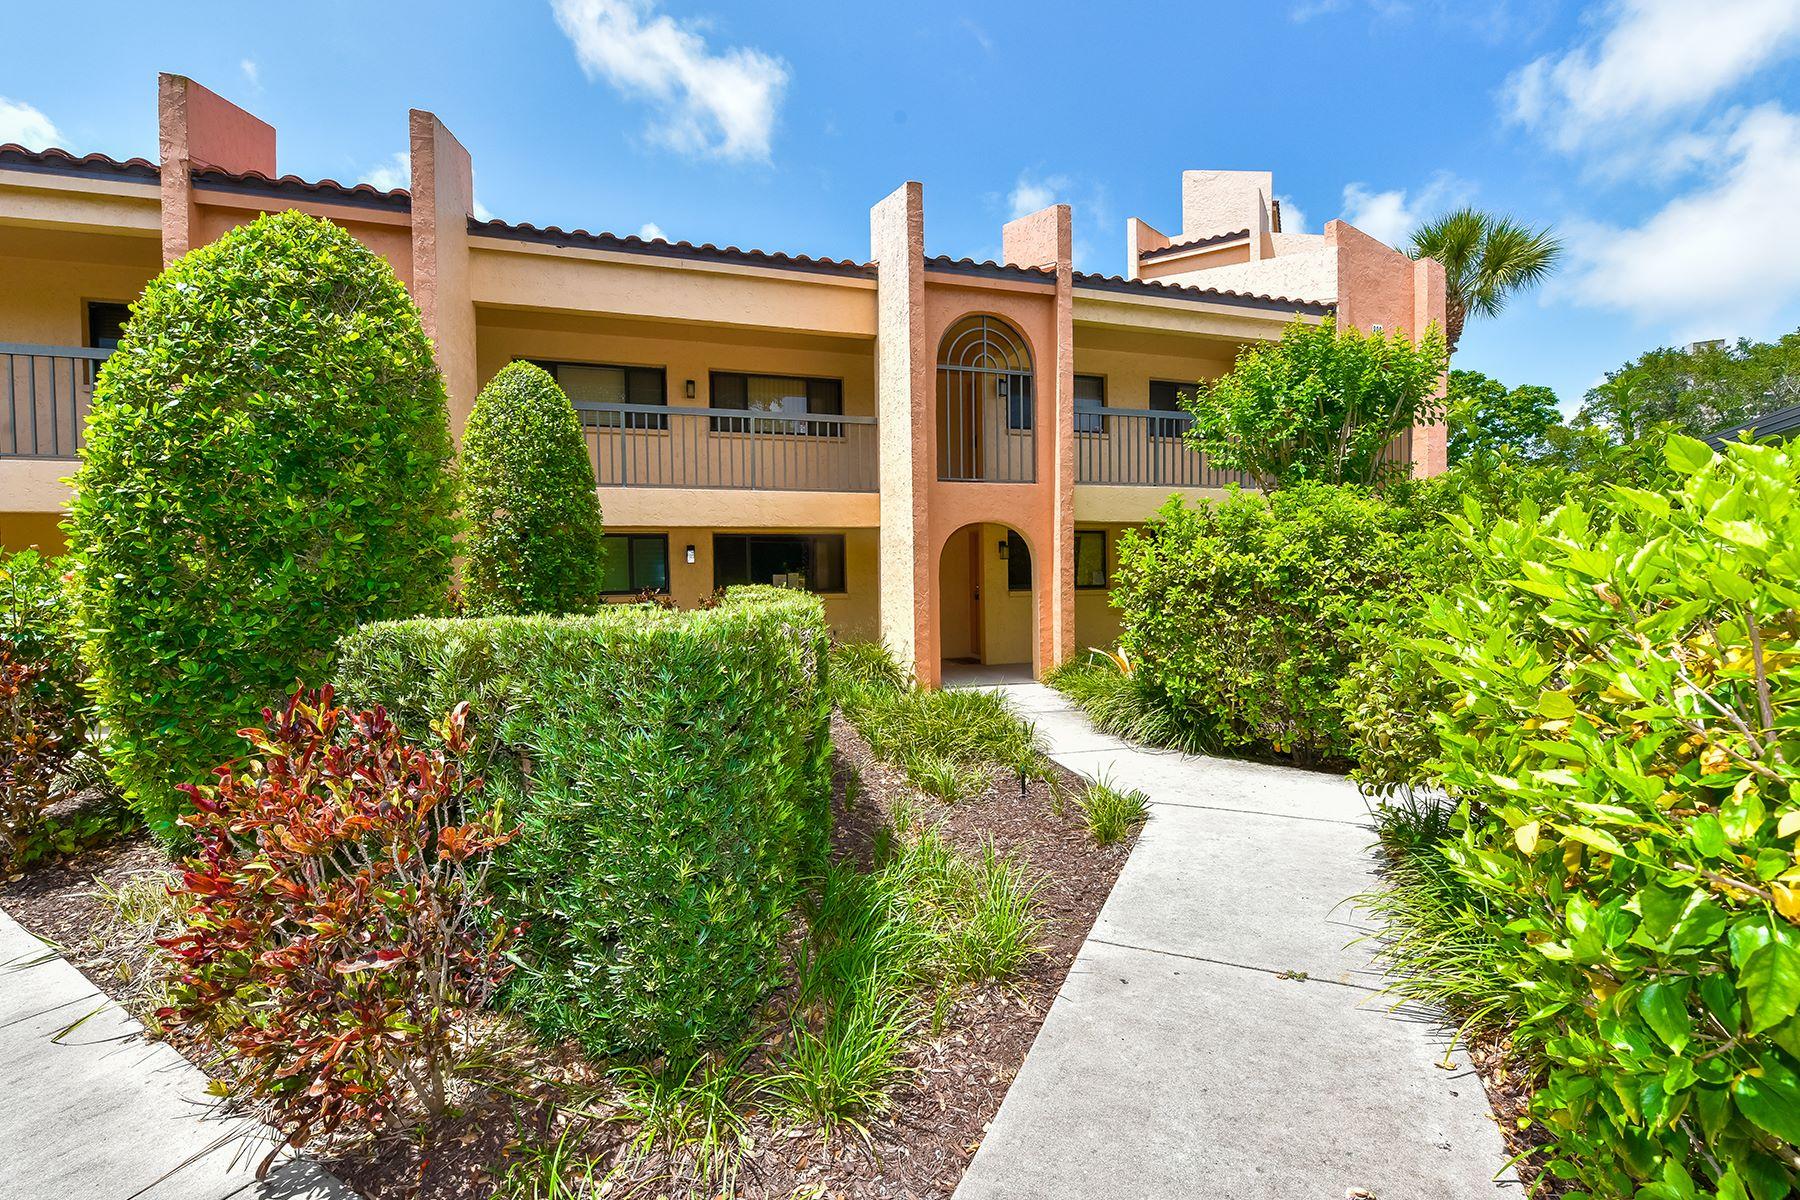 Condomínio para Venda às SARASOTA 800 Hudson Ave 105, Sarasota, Florida, 34236 Estados Unidos